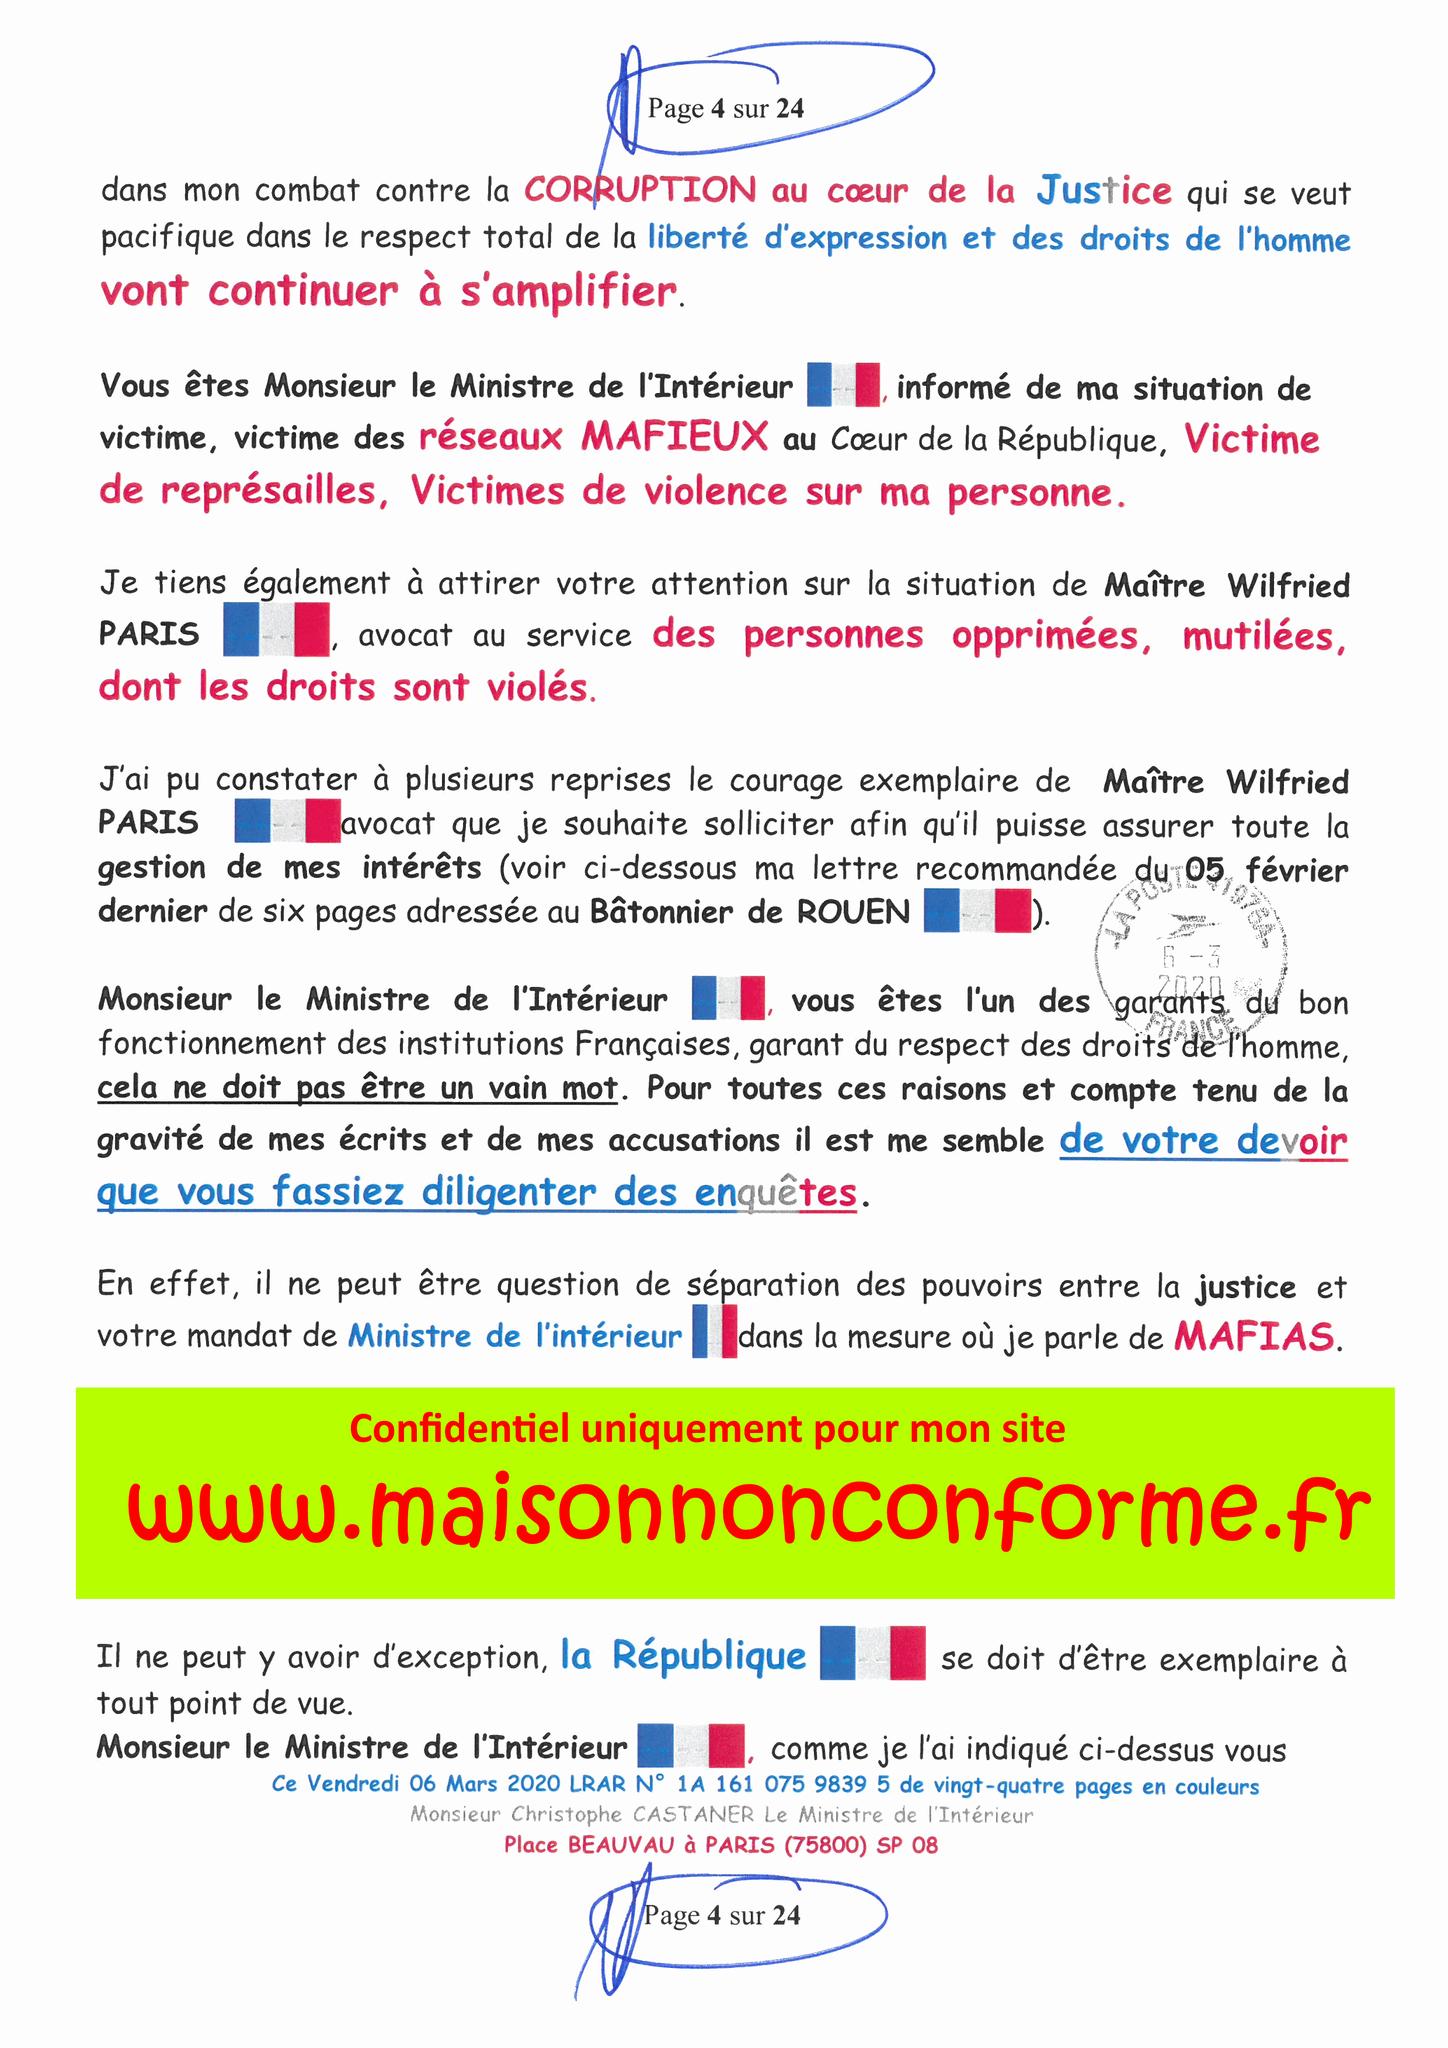 Ma LRAR à Monsieur le Ministre de l'Intérieur Christophe CASTANER N°1A 161 075 9839 5  Page 4 sur 24 en couleur du 06 Mars 2020  www.jesuispatrick.fr www.jesuisvictime.fr www.alerte-rouge-france.fr